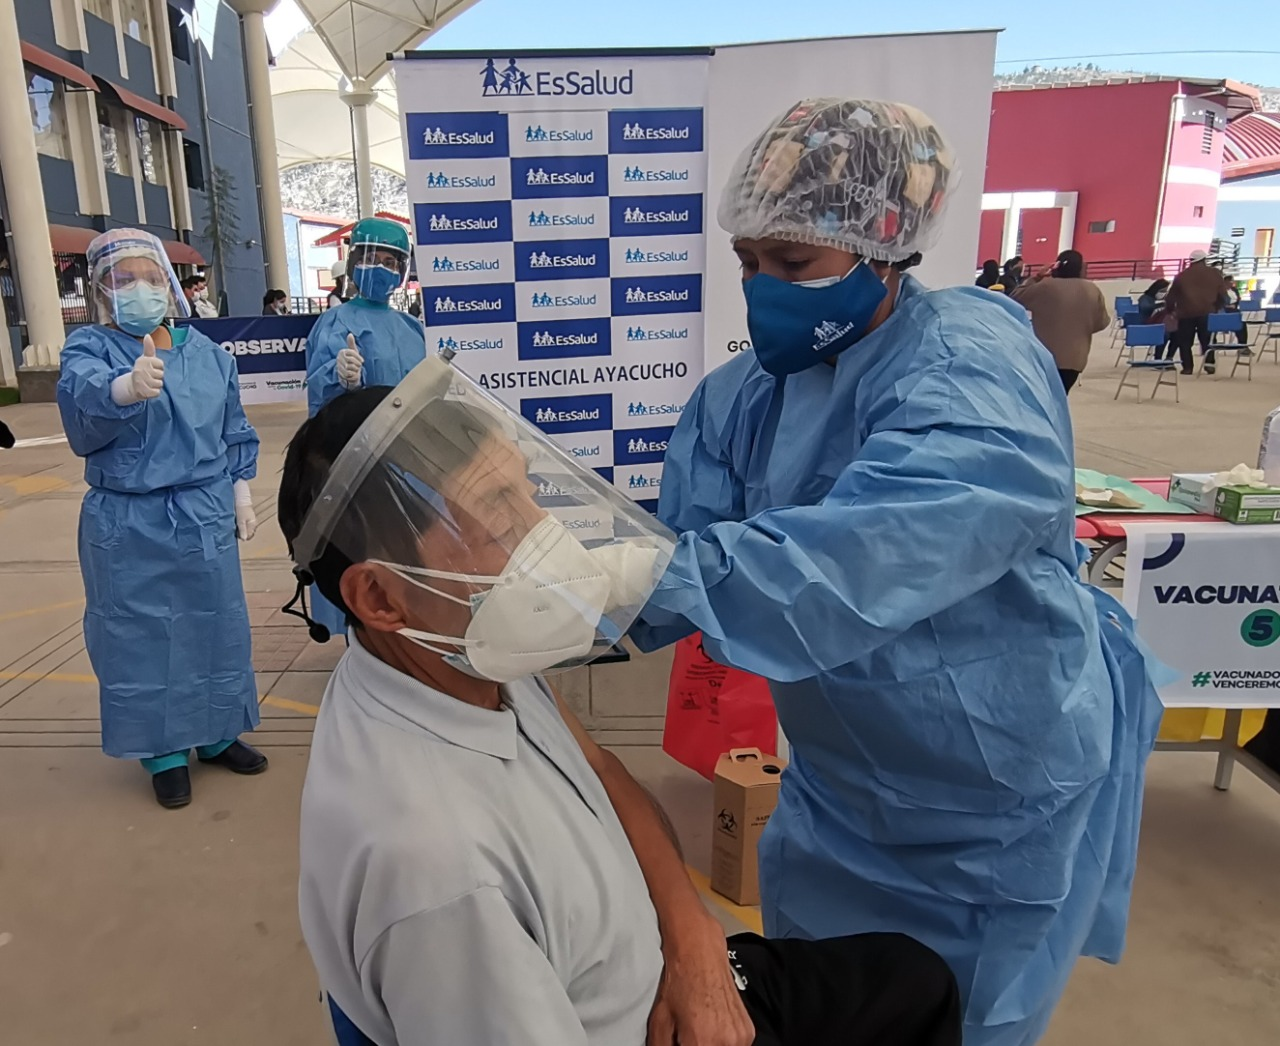 Essalud - EsSalud Ayacucho brinda atención, en jornada de vacunación, a docentes de zonas rurales